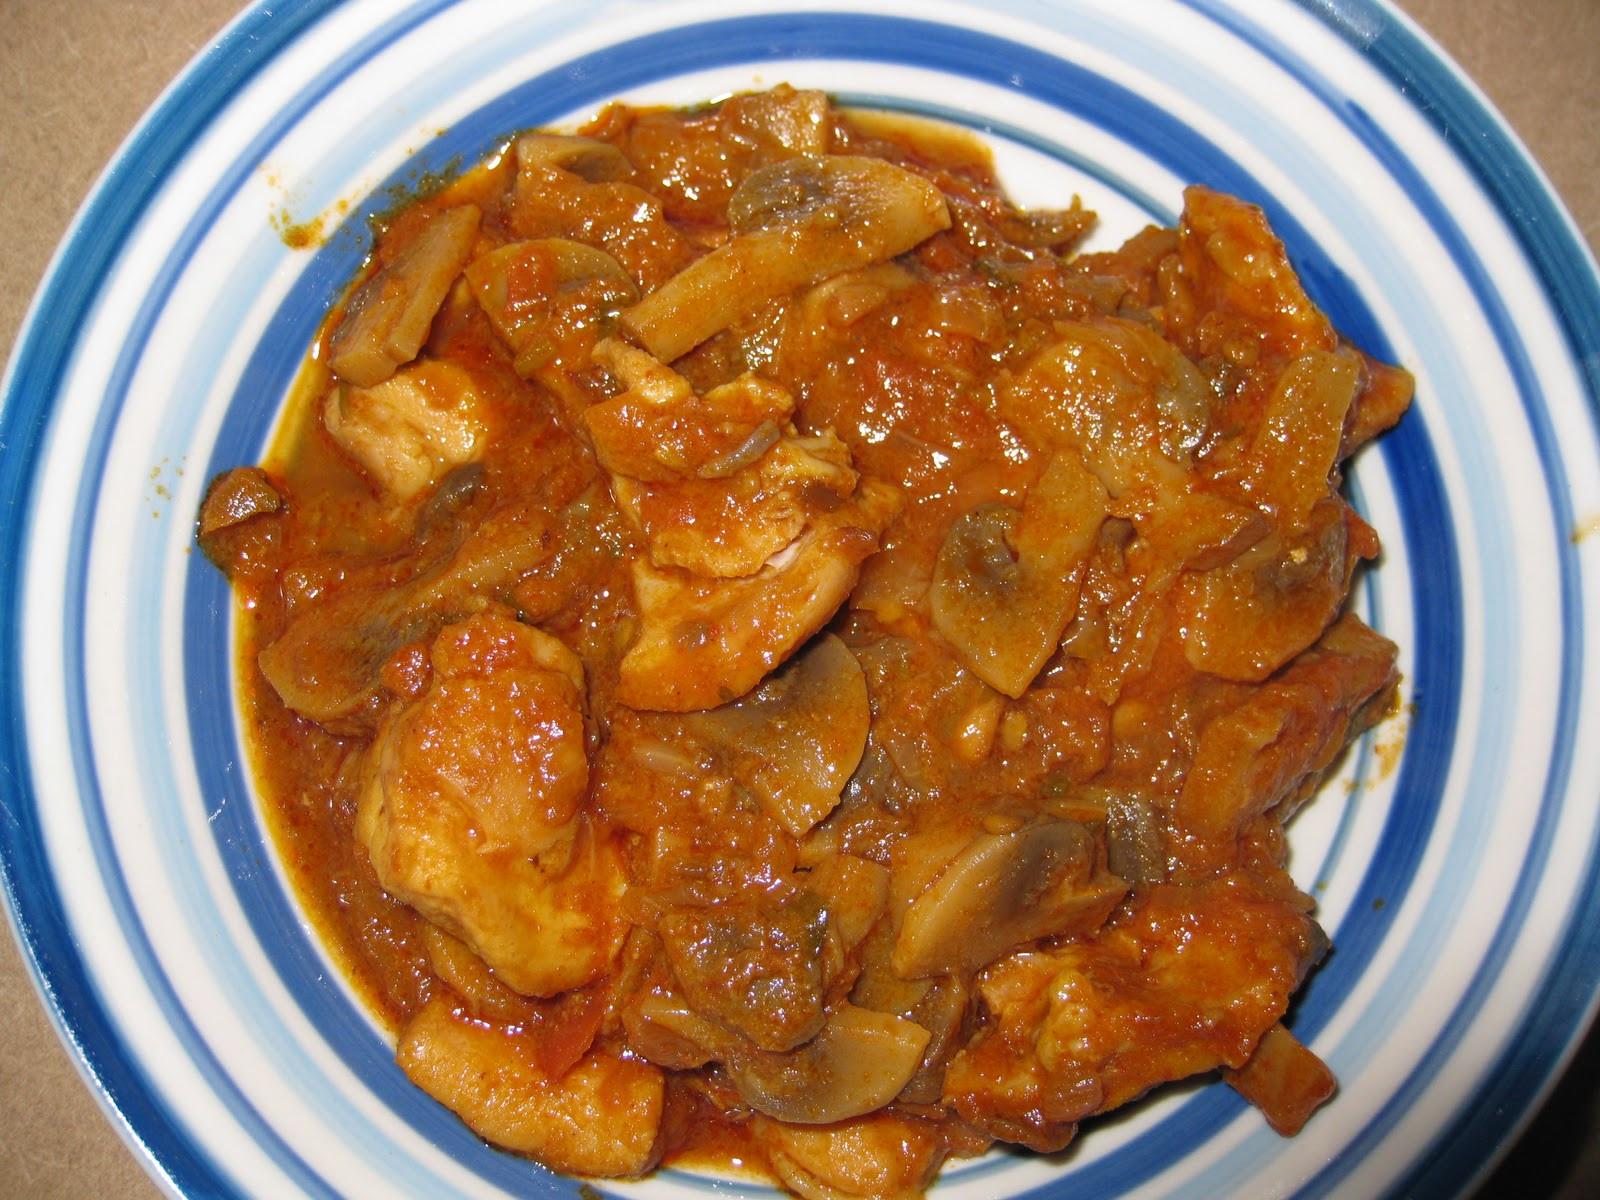 Authentic Indian Recipes  Authentic Indian Recipes MUSHROOM CHICKEN